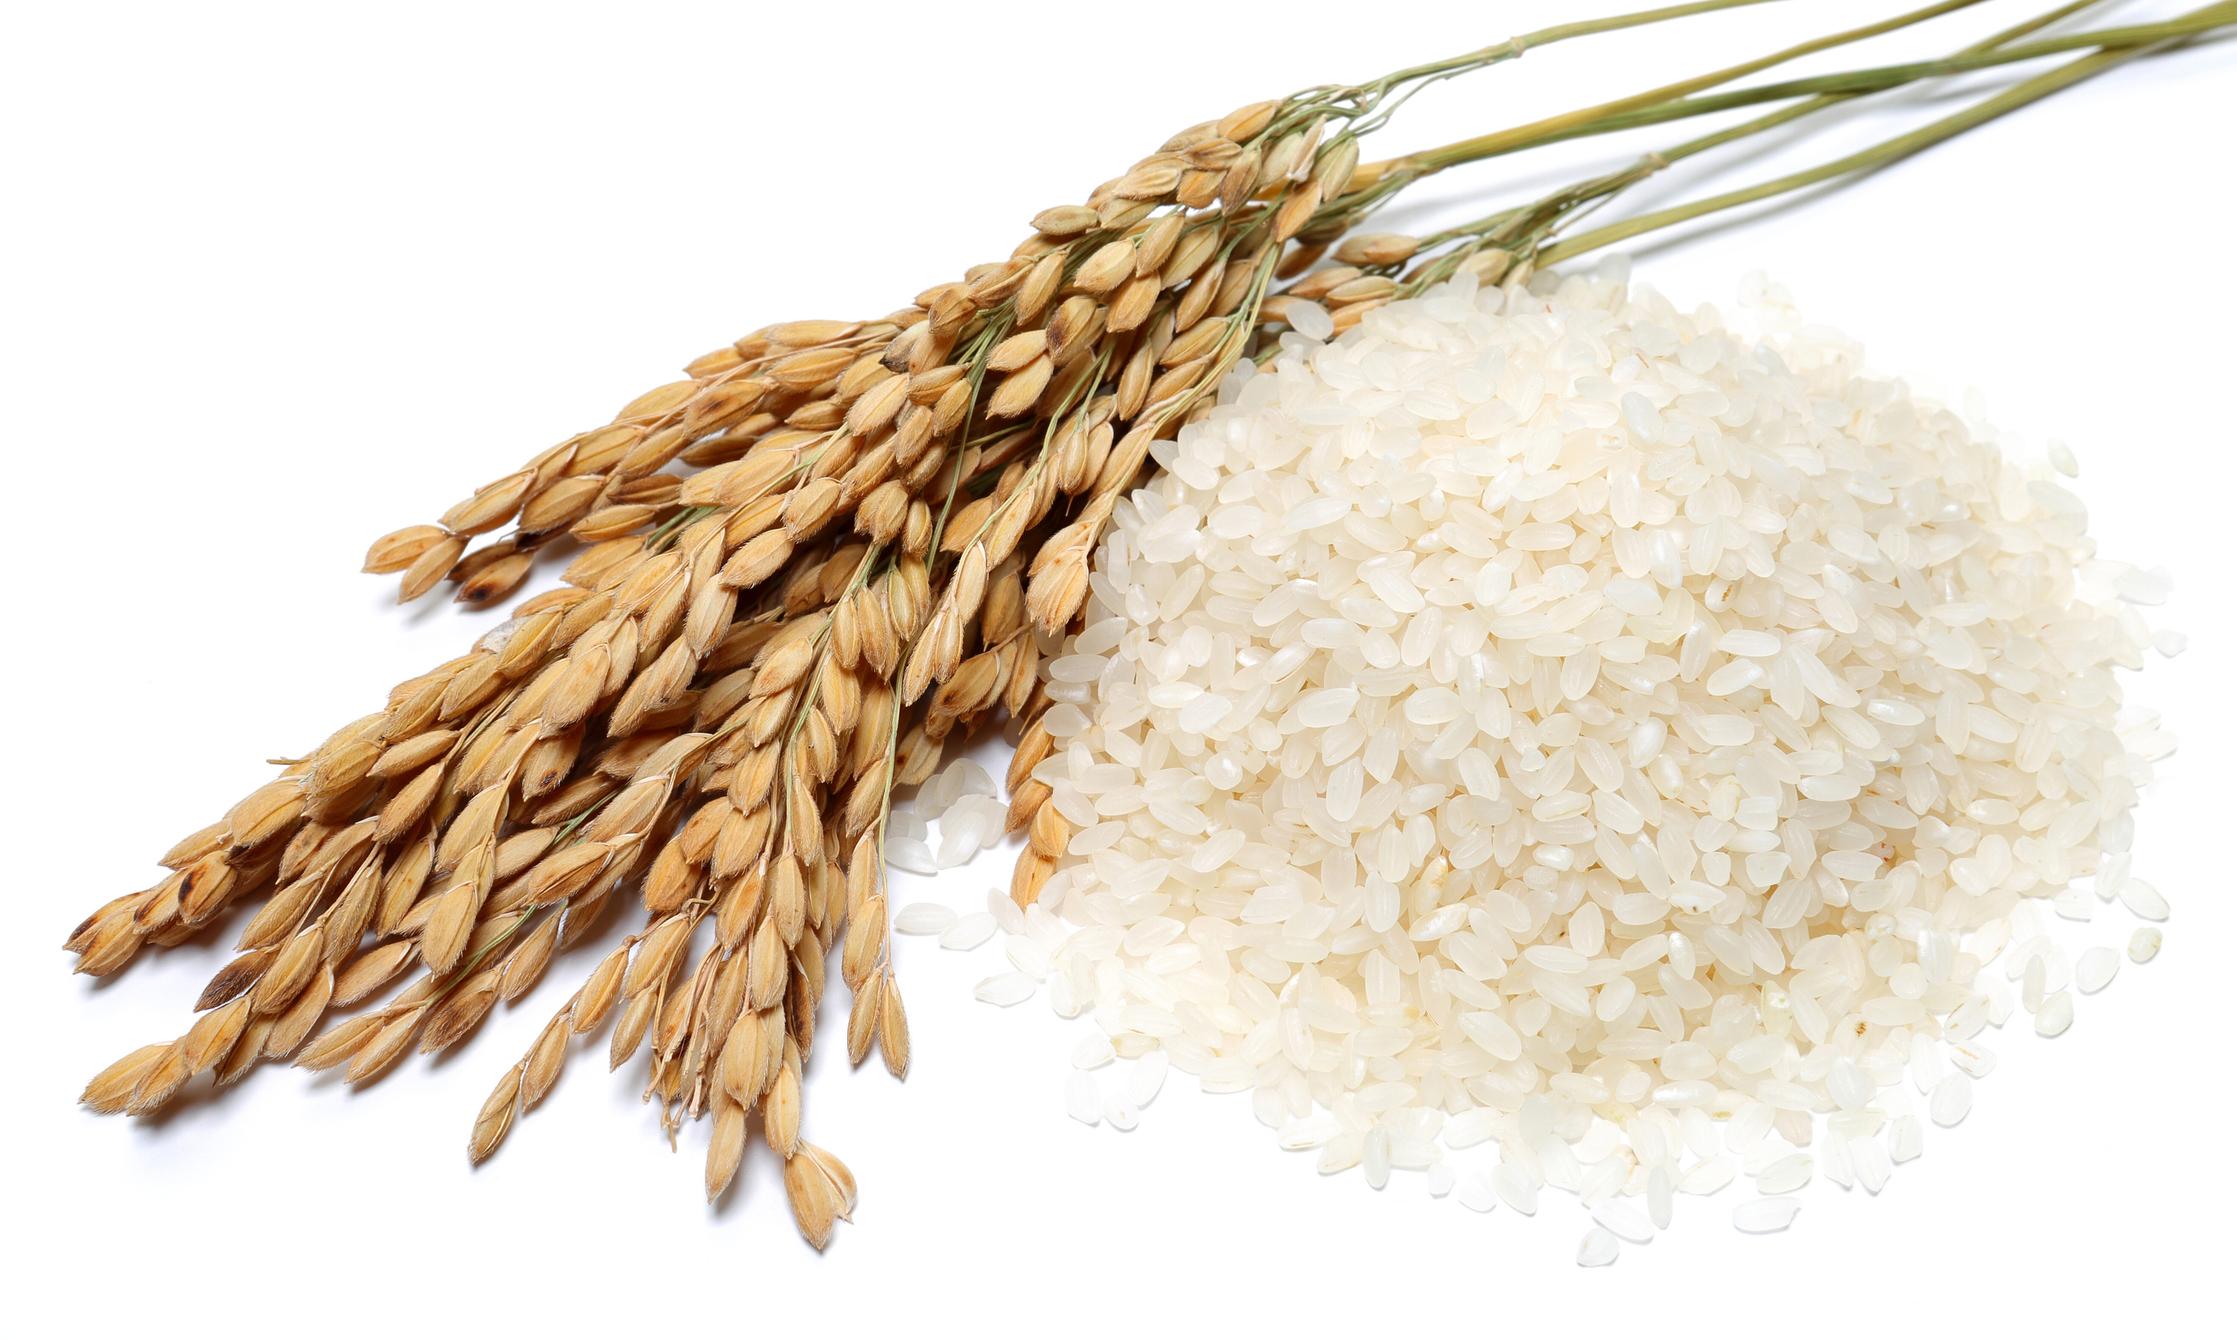 FT-NIR for Rice Analysis Image